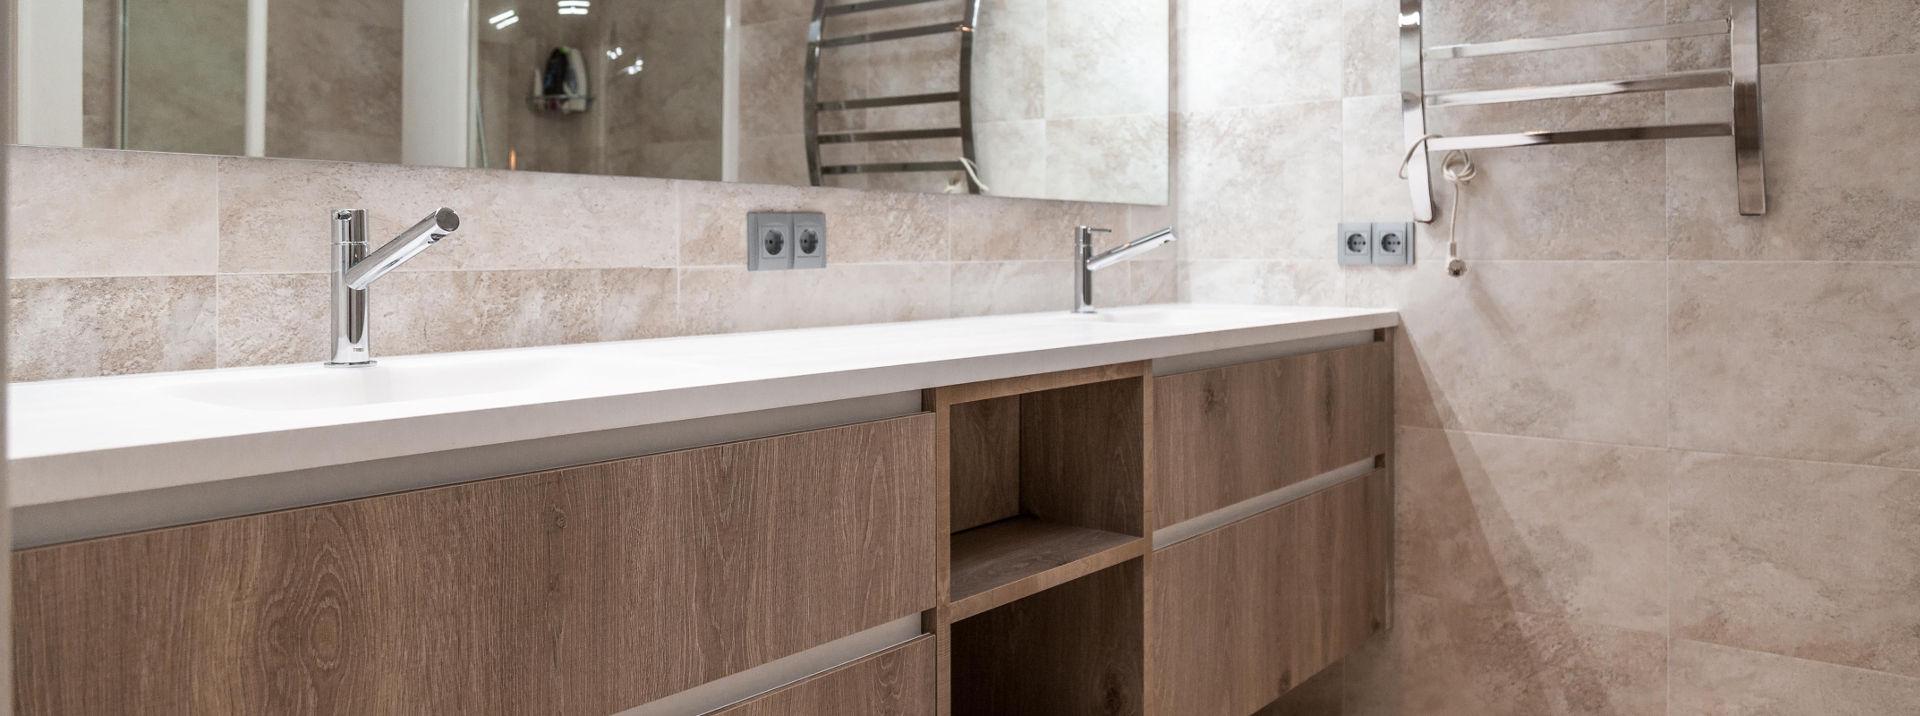 Nordic Muebles - Bathrooms - Modern Slate Gola